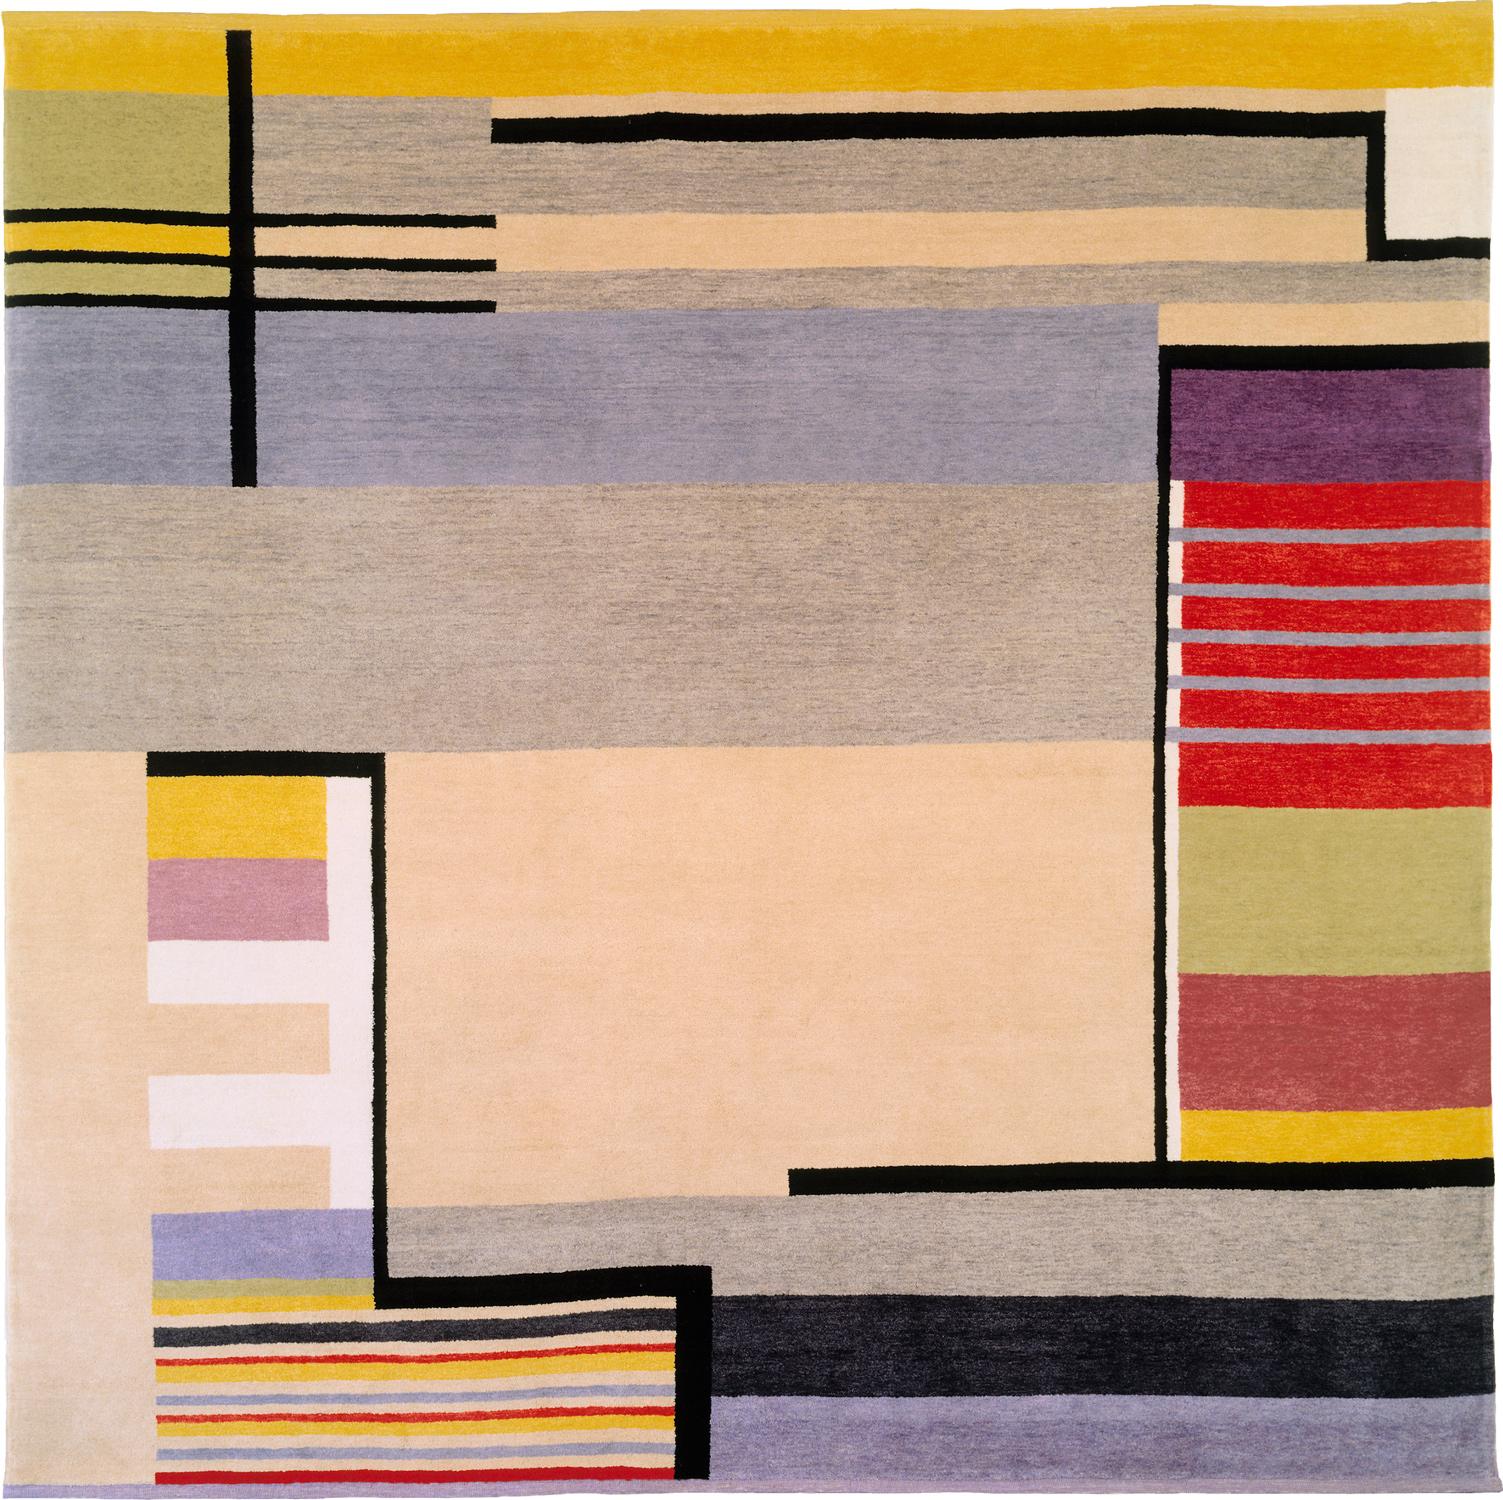 Rug from Gunta Stölzl, Untitled, 1928